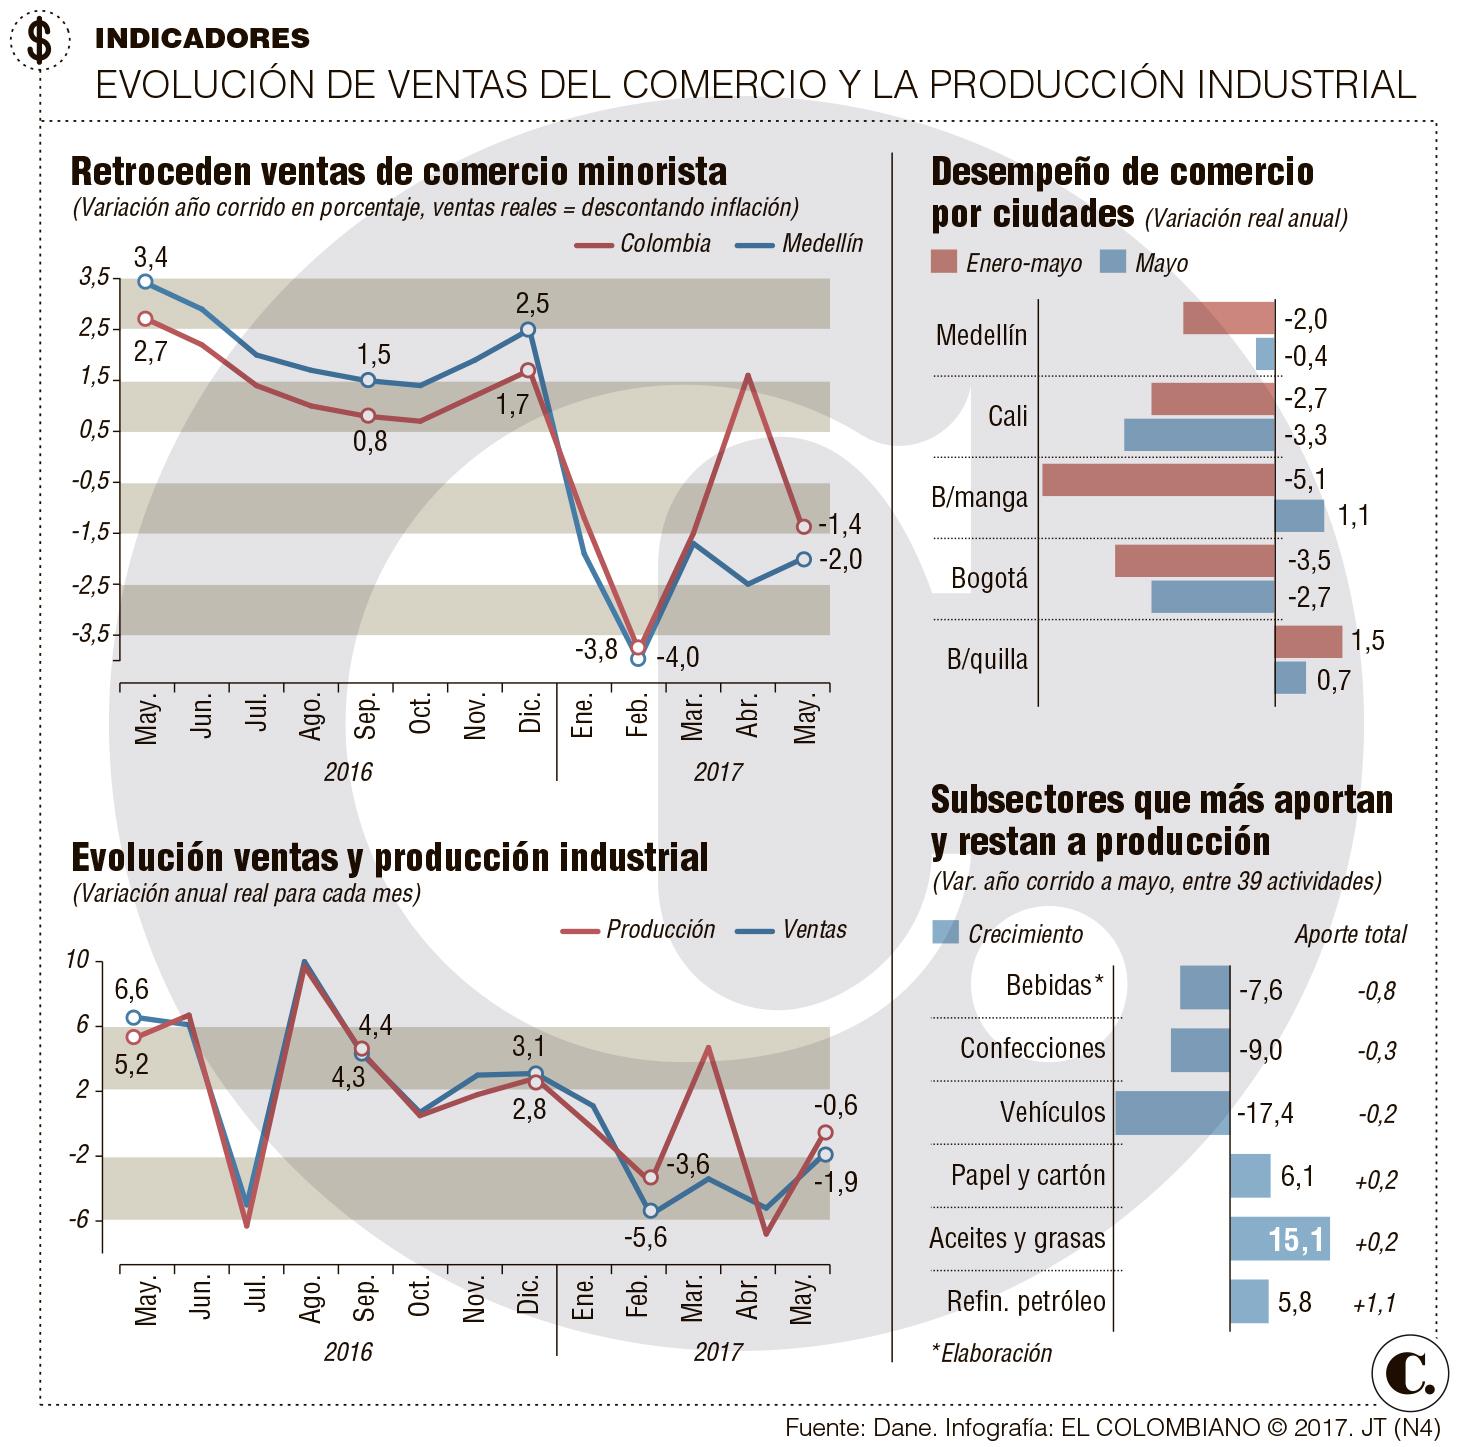 Producción industrial y ventas minoristas disminuyó en mayo